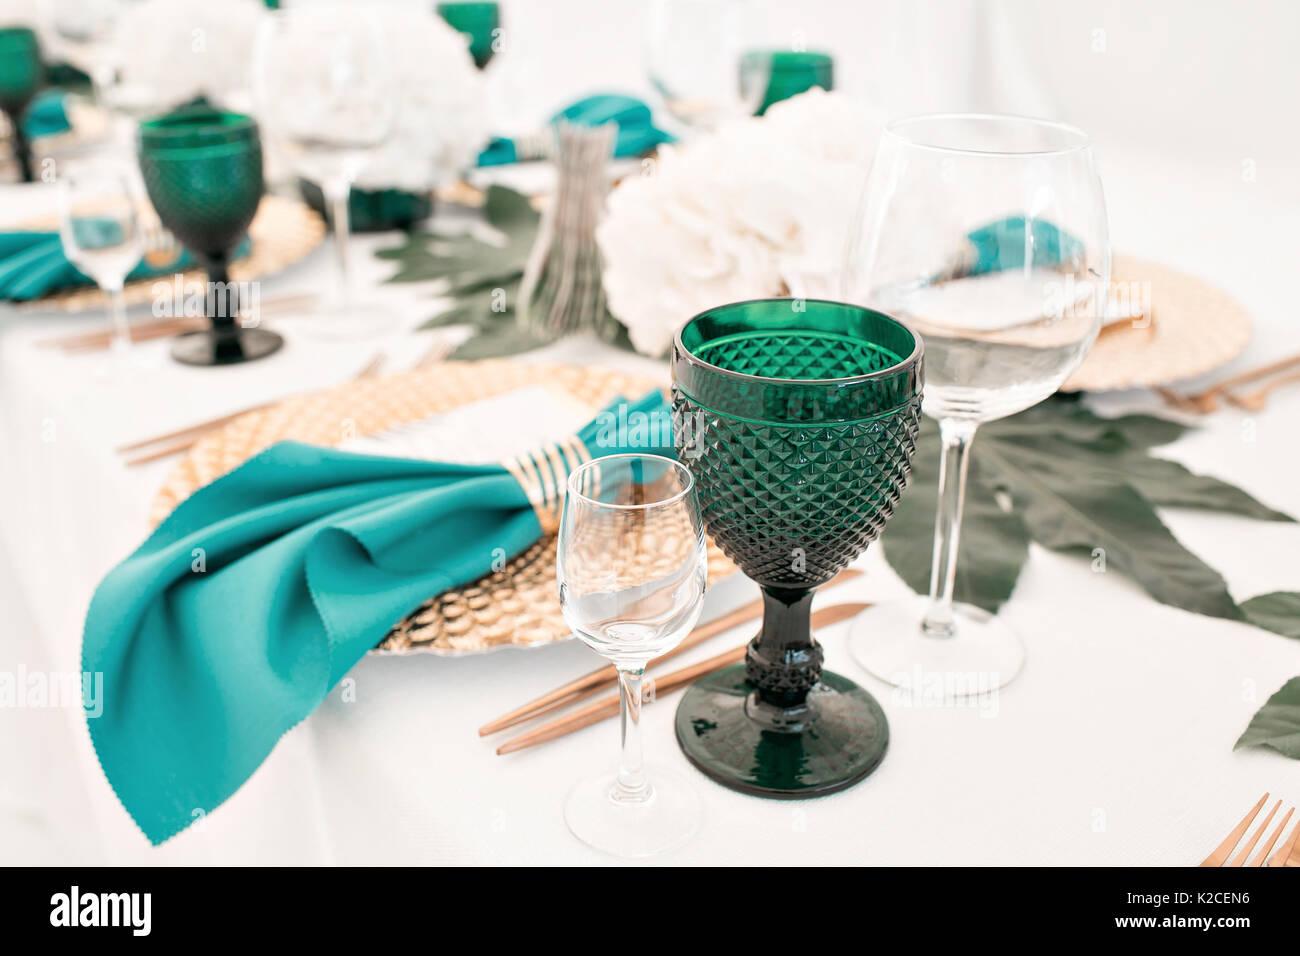 Schön organisierte Veranstaltung - Serviert festliche Tische bereit für Gäste Stockbild